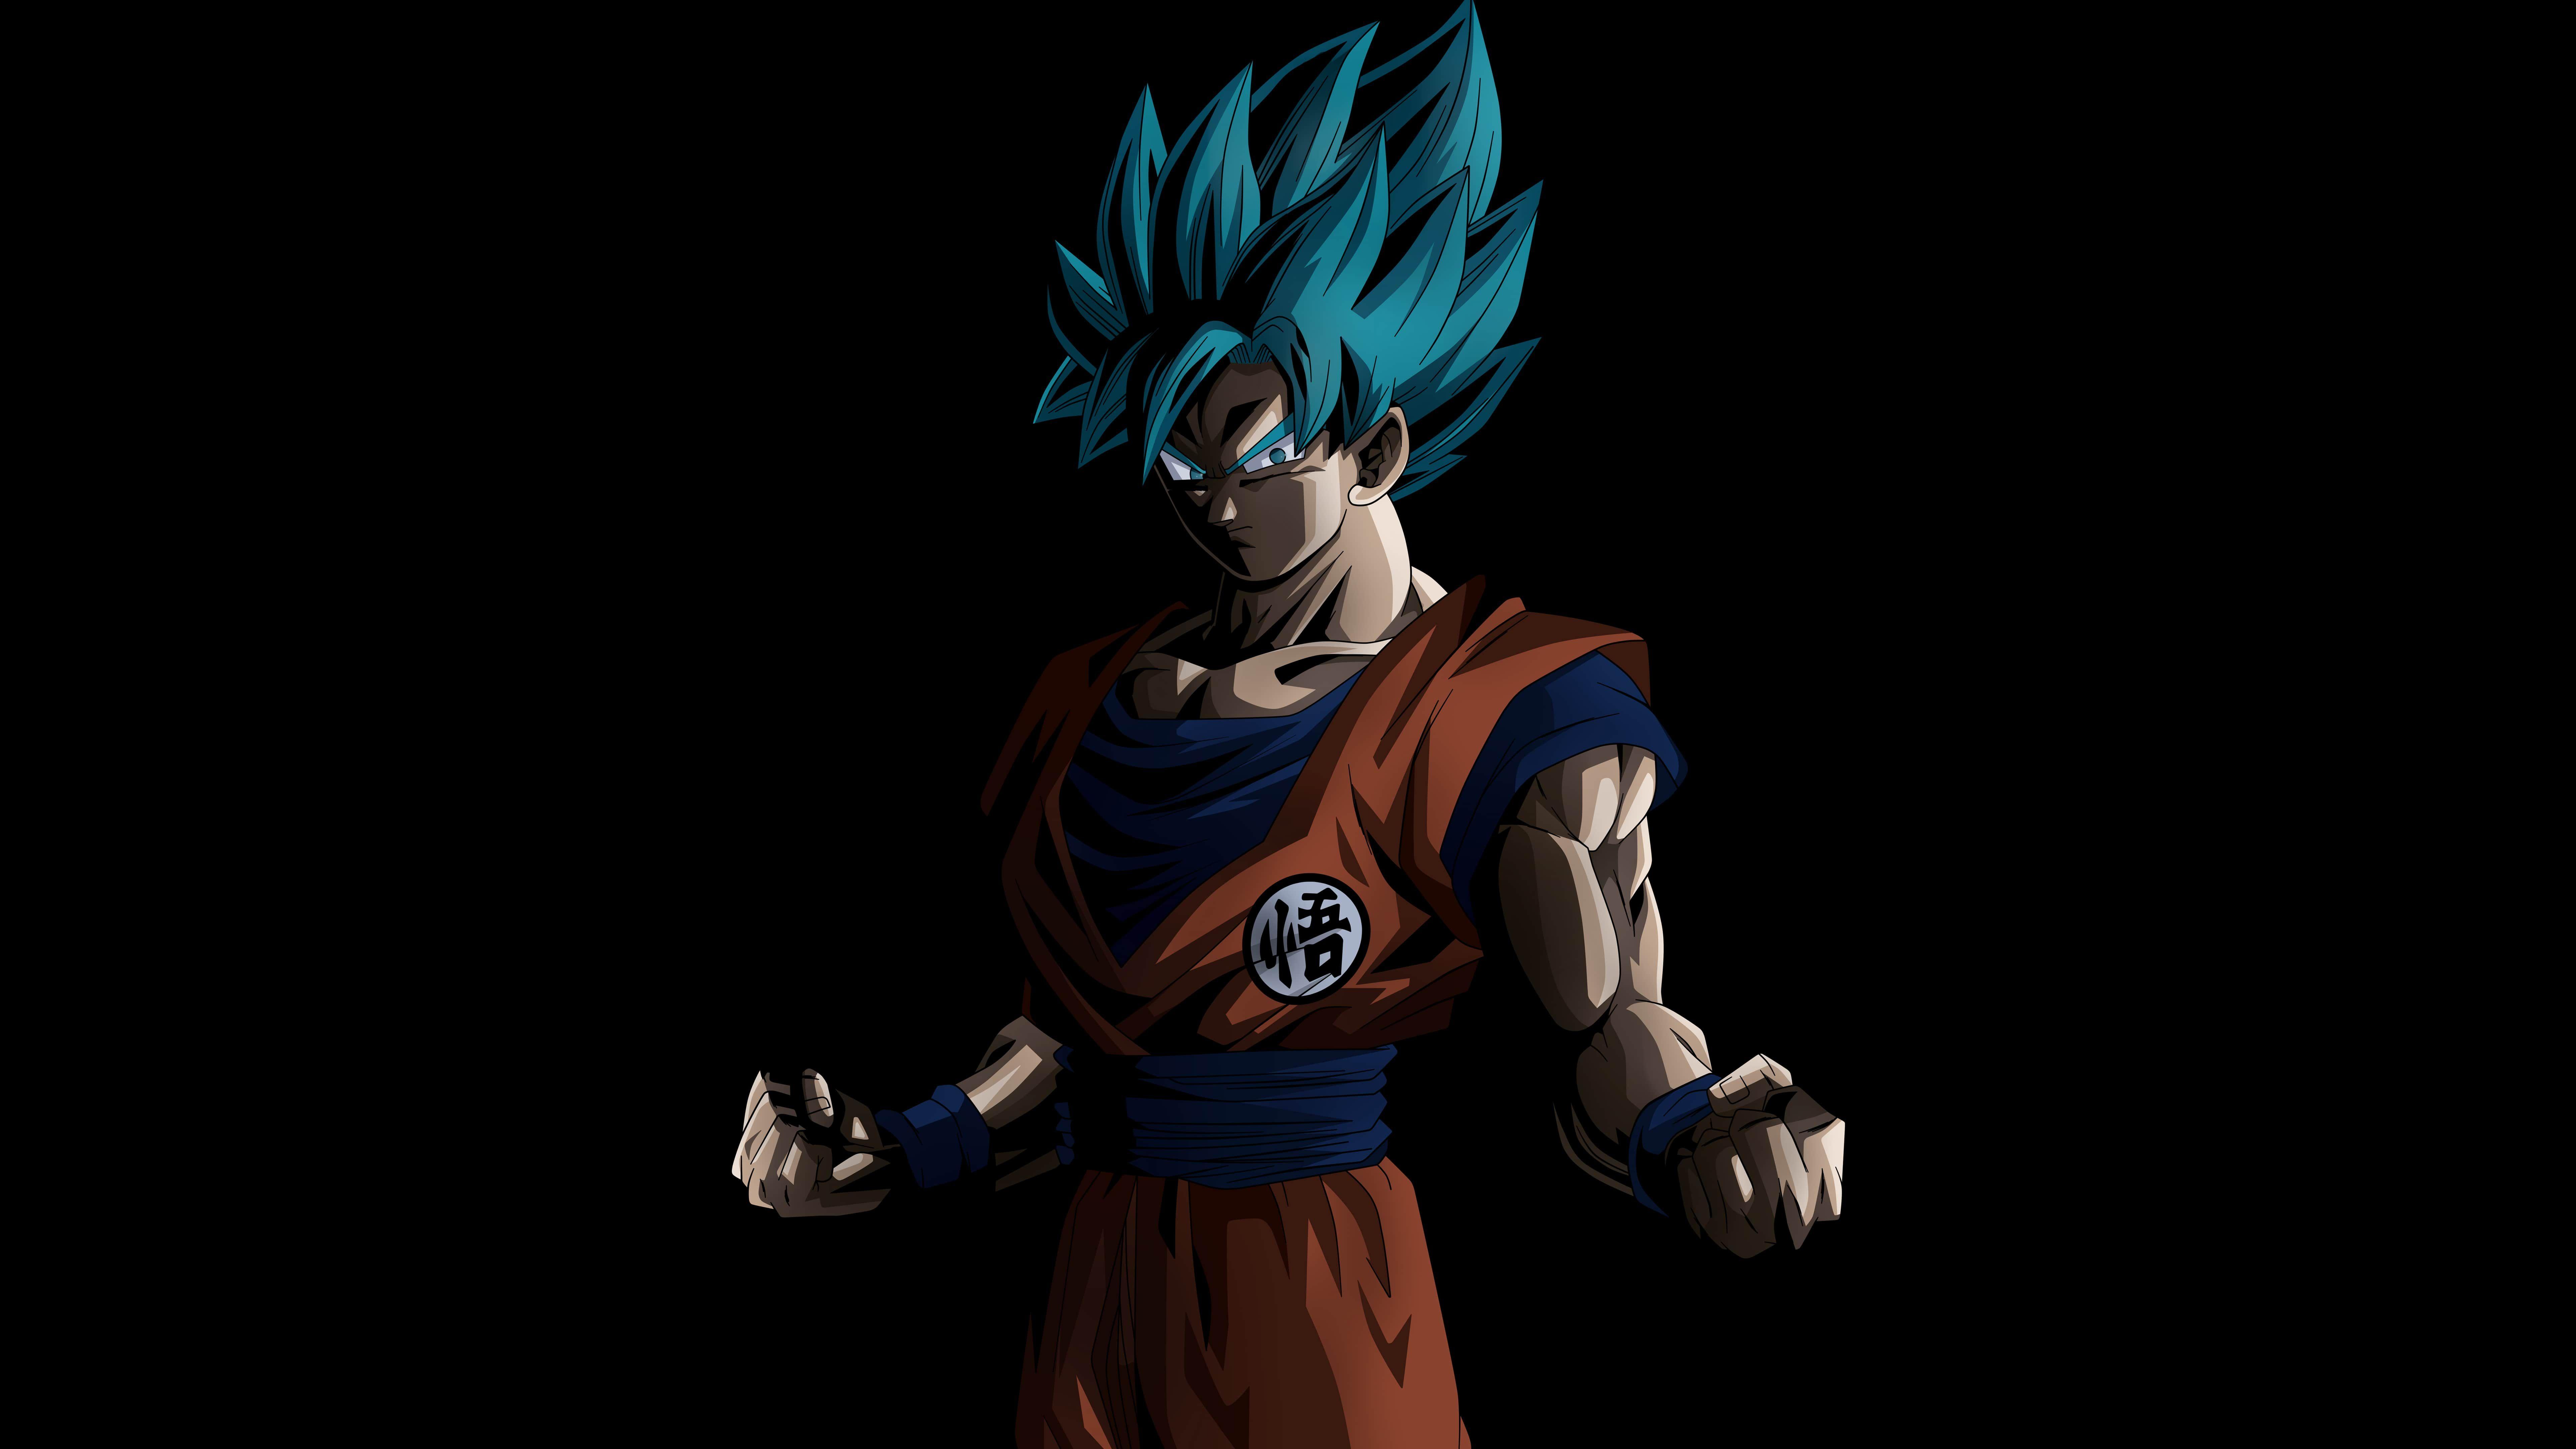 Desktophdwallpaper Org Goku Wallpaper Goku Super Saiyan Blue Dragon Ball Wallpapers